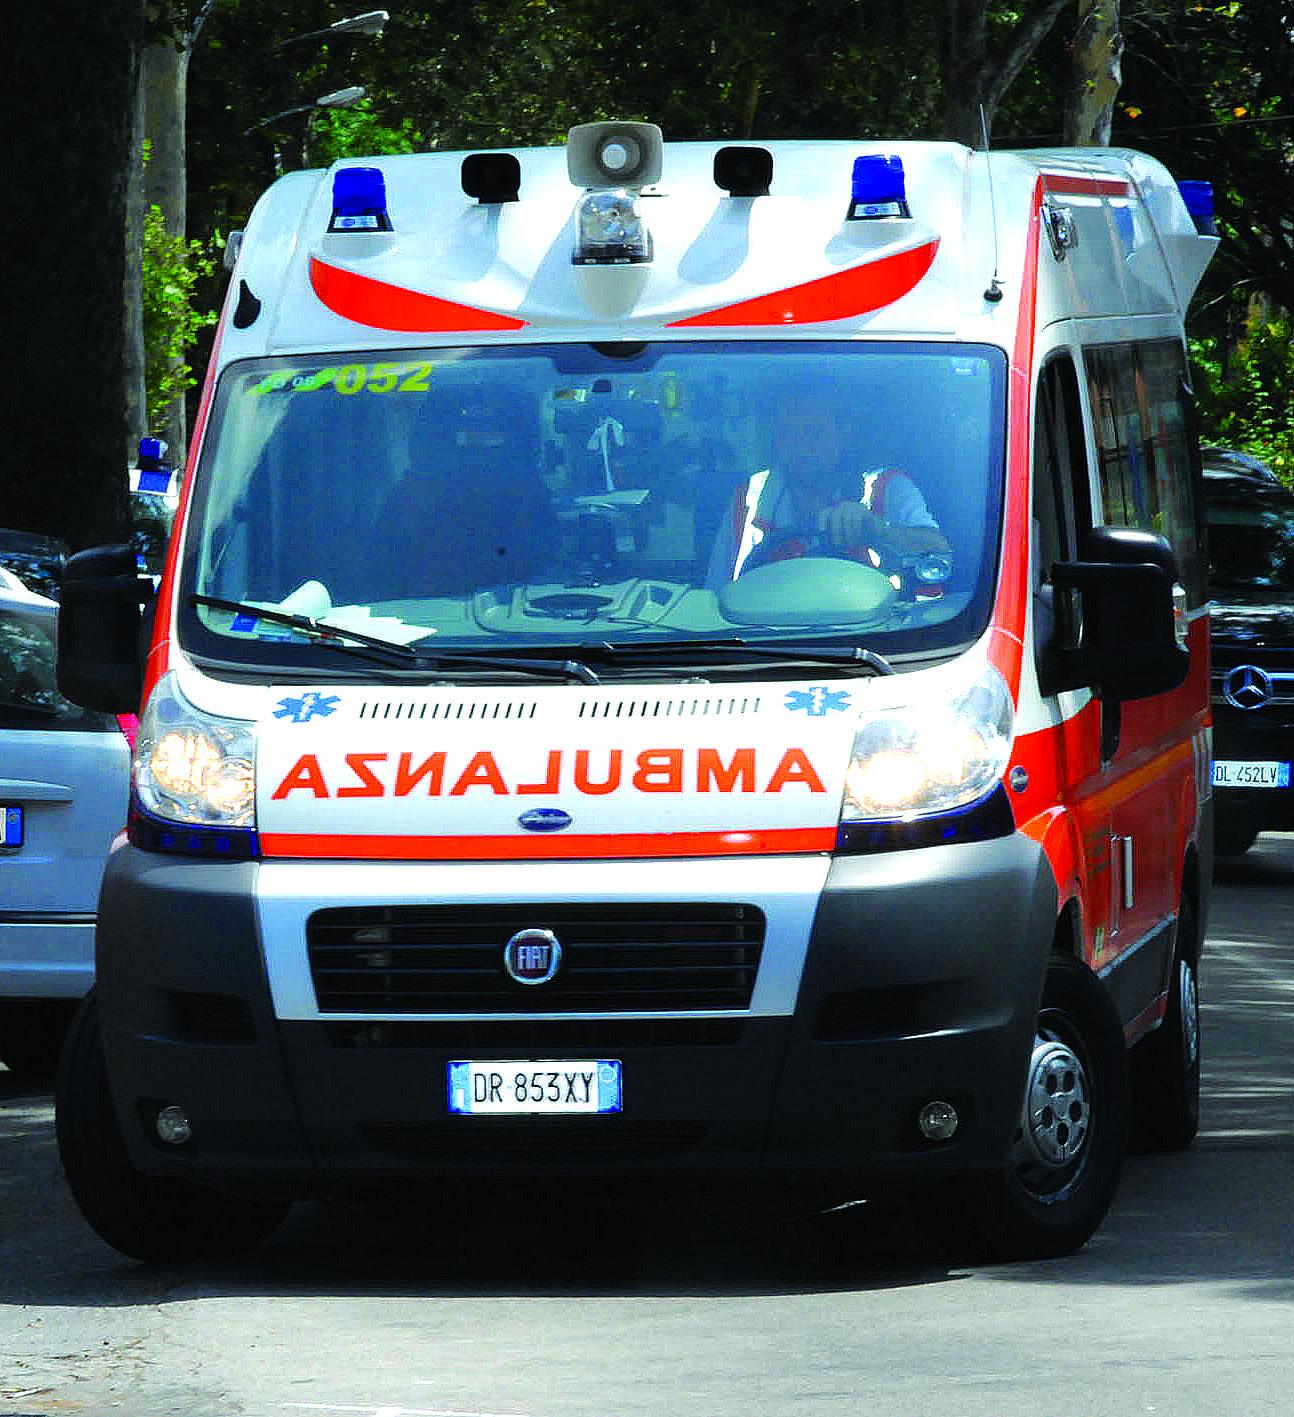 Scontro auto-bici tra Faenza e Forlì: un morto e un ferito gravissimo